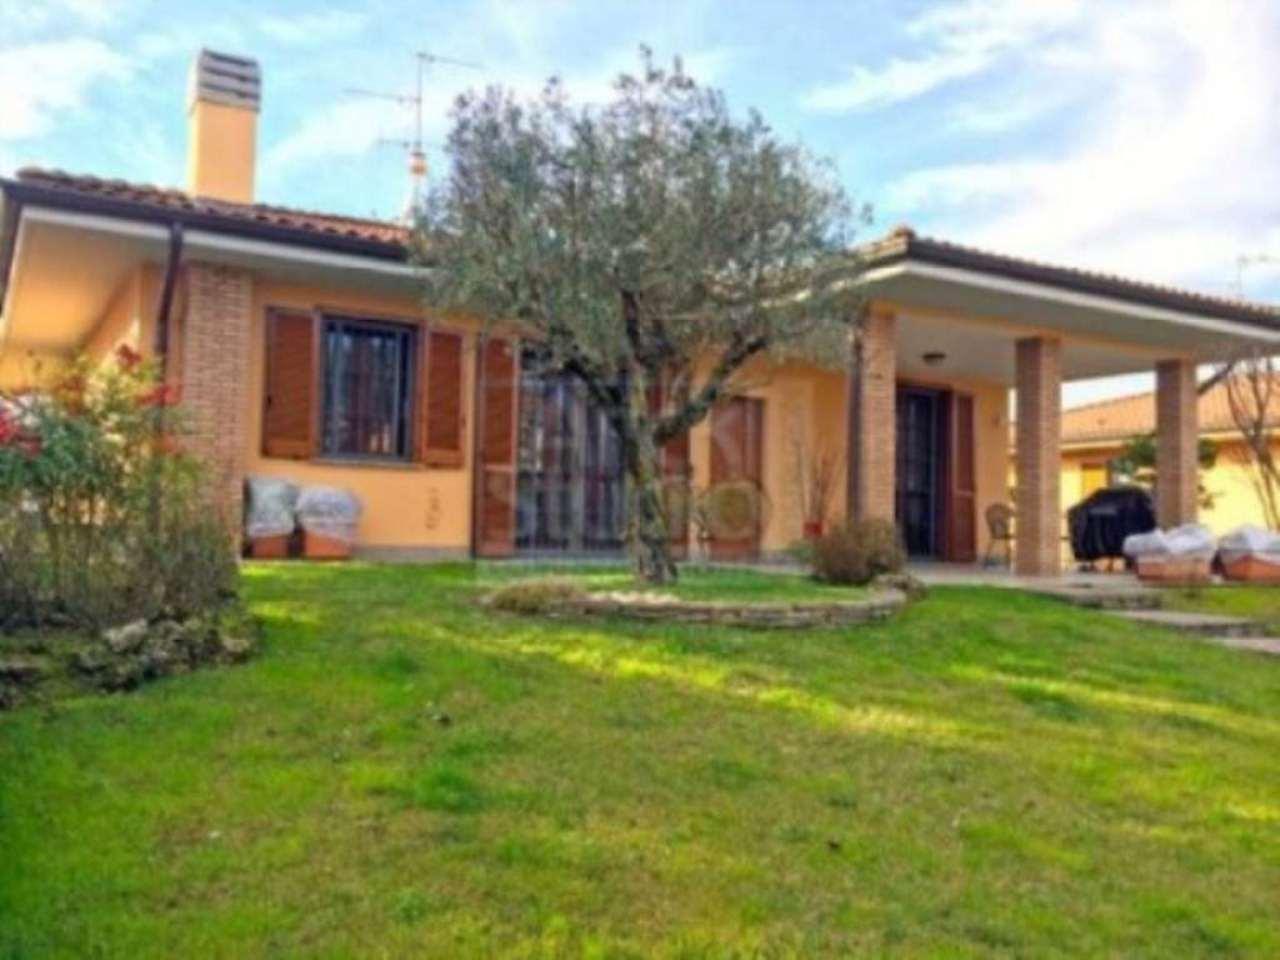 Villa in vendita a Truccazzano, 5 locali, Trattative riservate | Cambio Casa.it